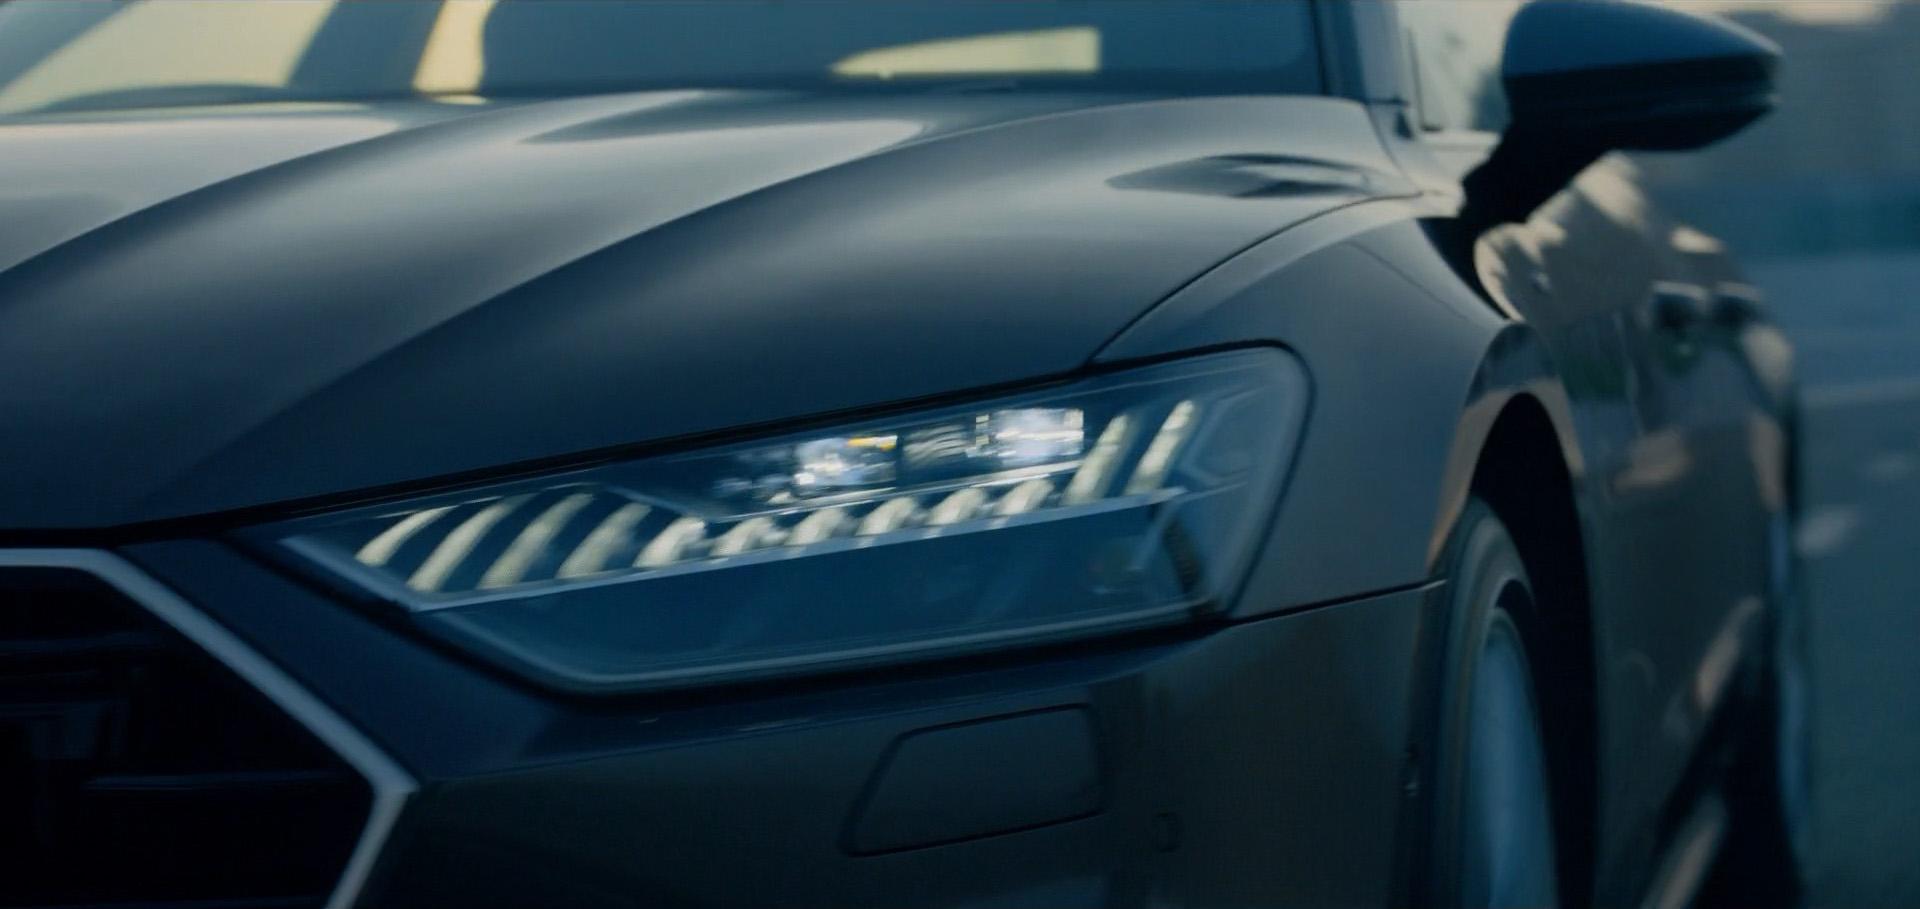 032 - Audi - Runner-0119